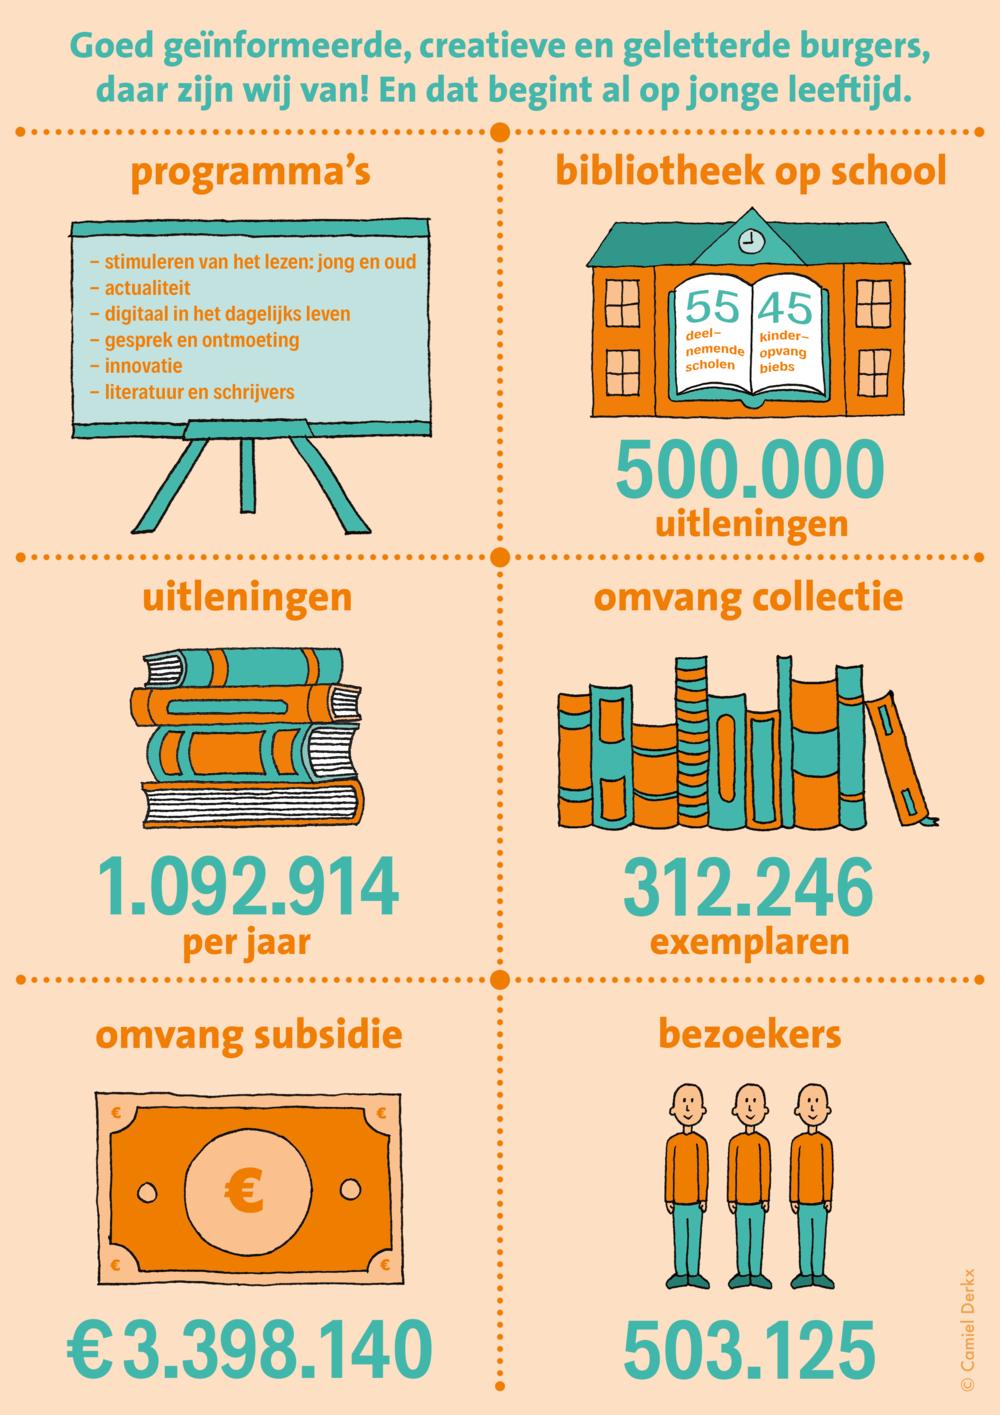 bibliotheek-1-achterkant-denbosch-social.png